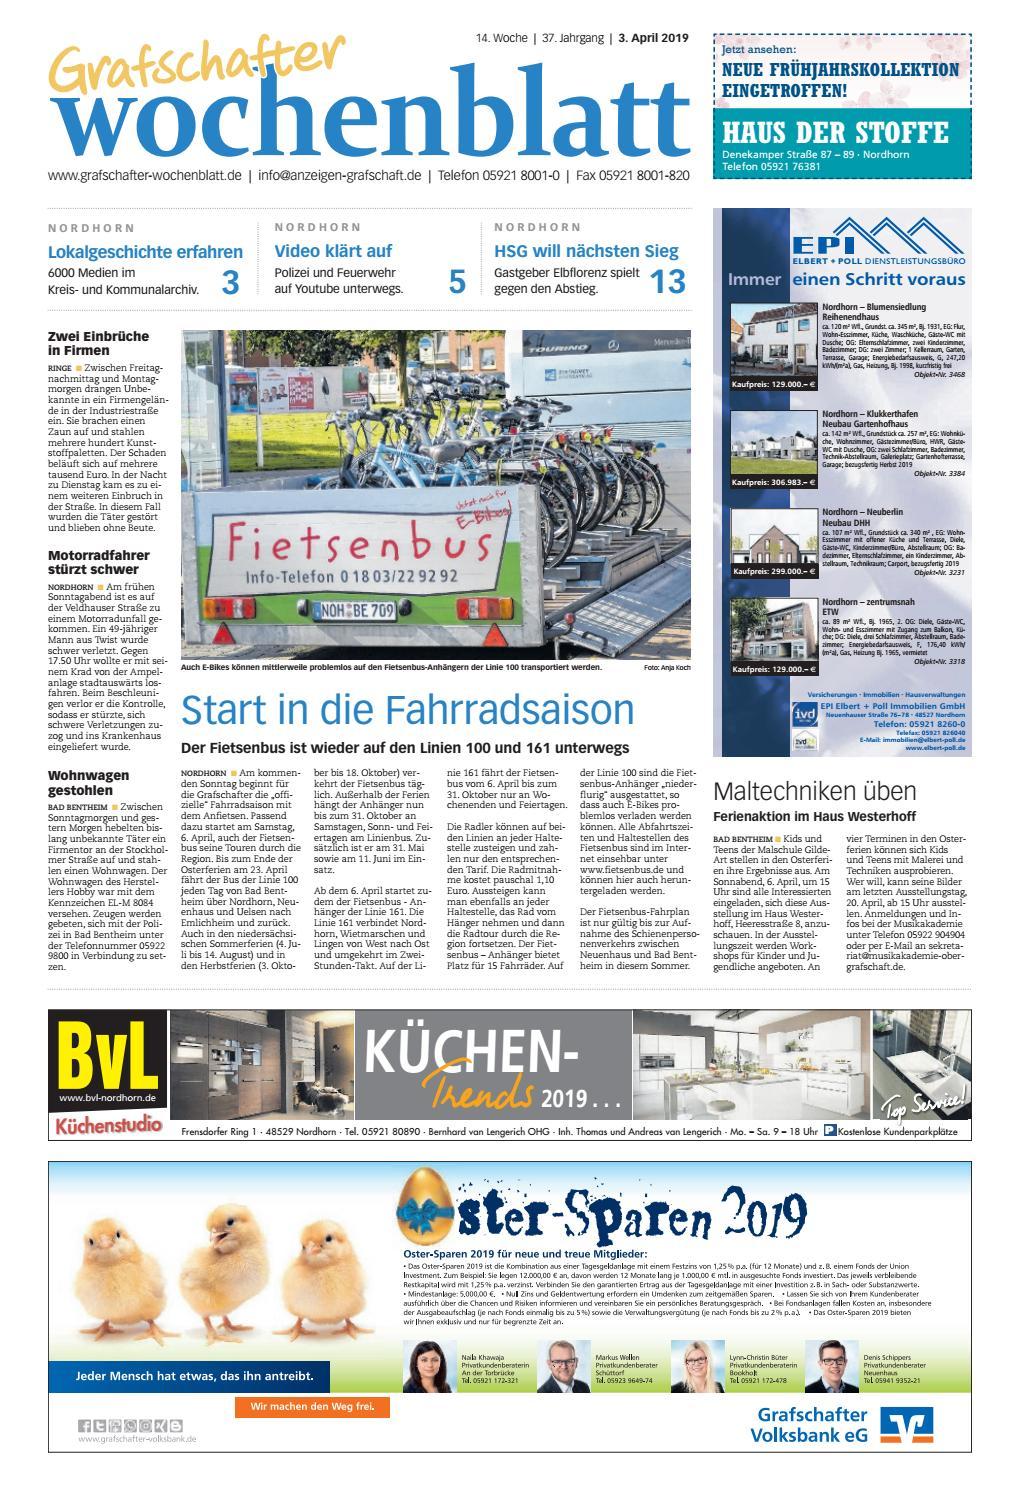 ba7ff9985cf140 Grafschafter Wochenblatt 03-04-2019 by Grafschafter Nachrichten - issuu